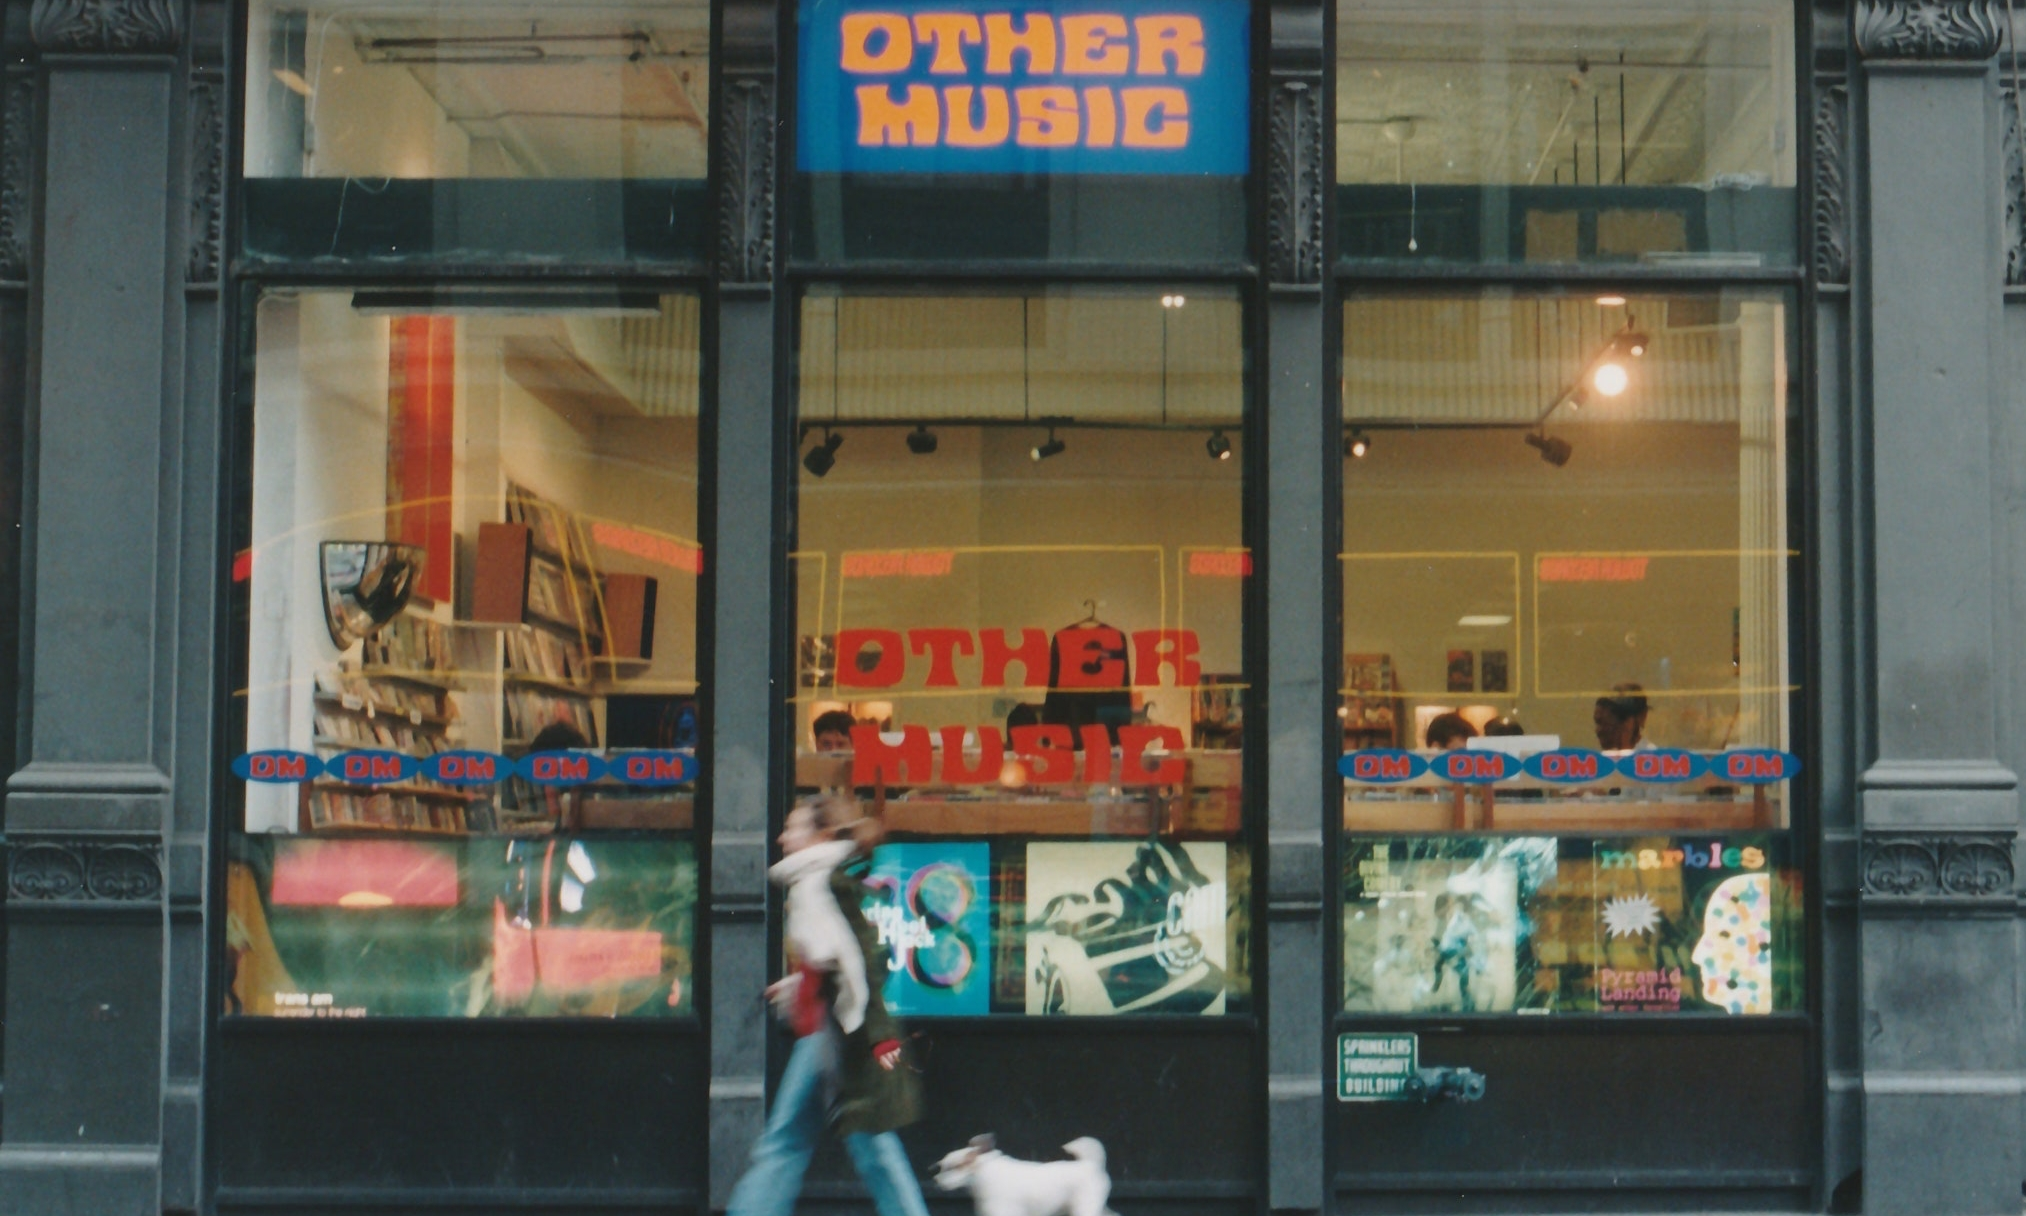 纽约知名唱片店 Other Music 的纪录片即将上线流媒体平台